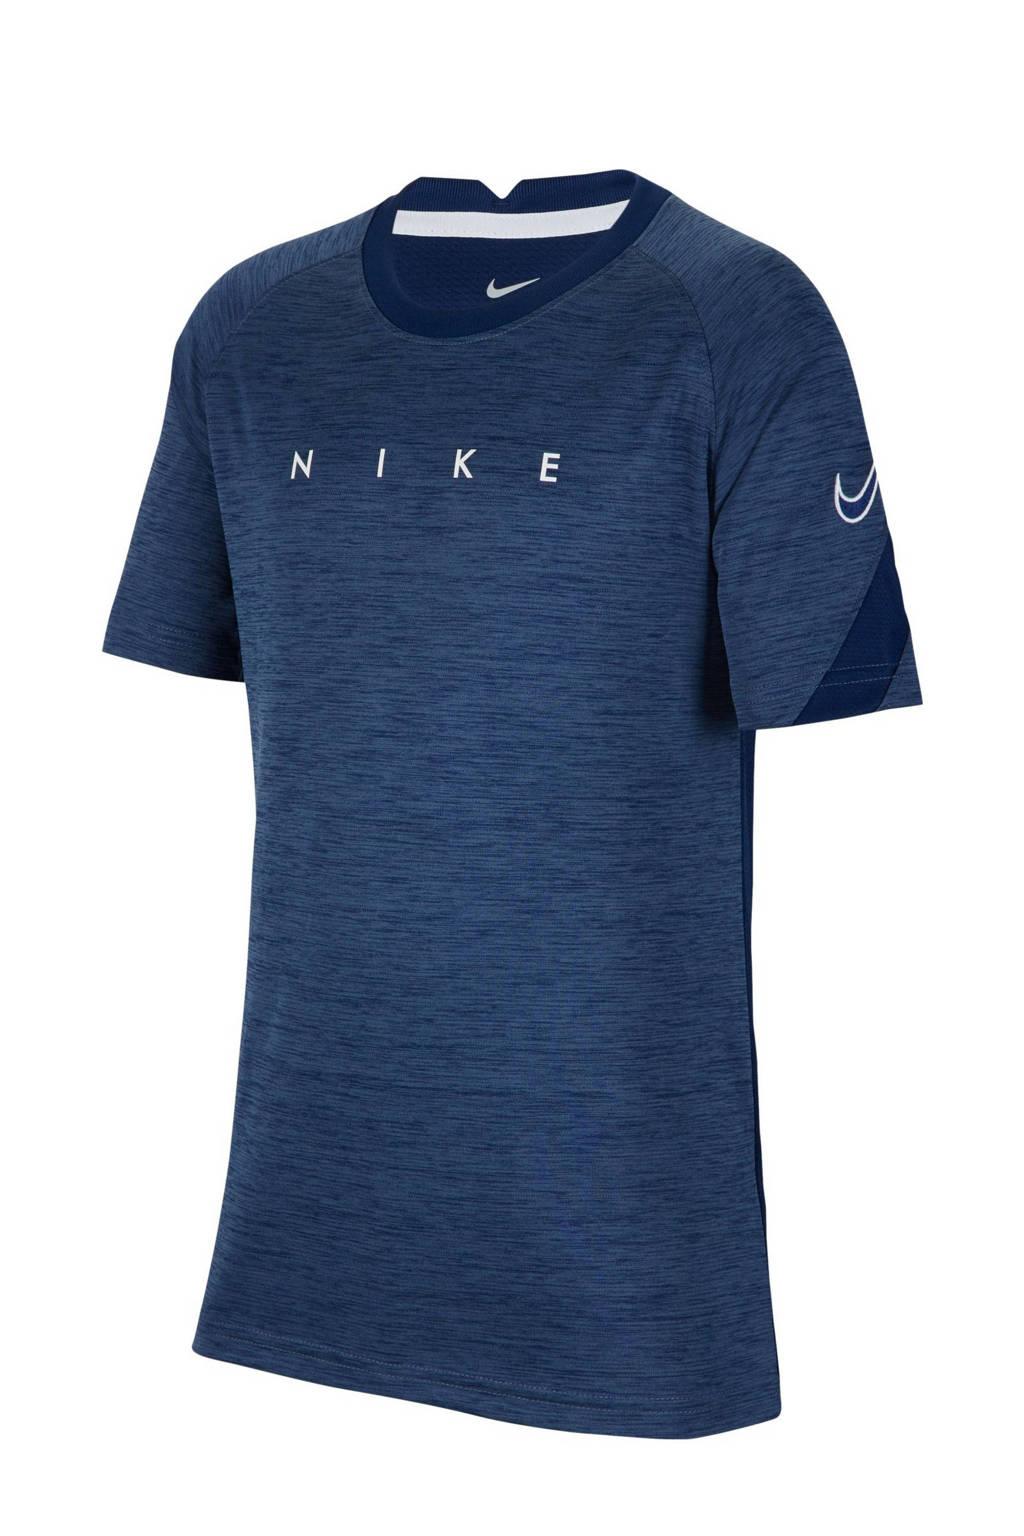 Nike Junior  voetbalshirt donkerblauw, Donkerblauw